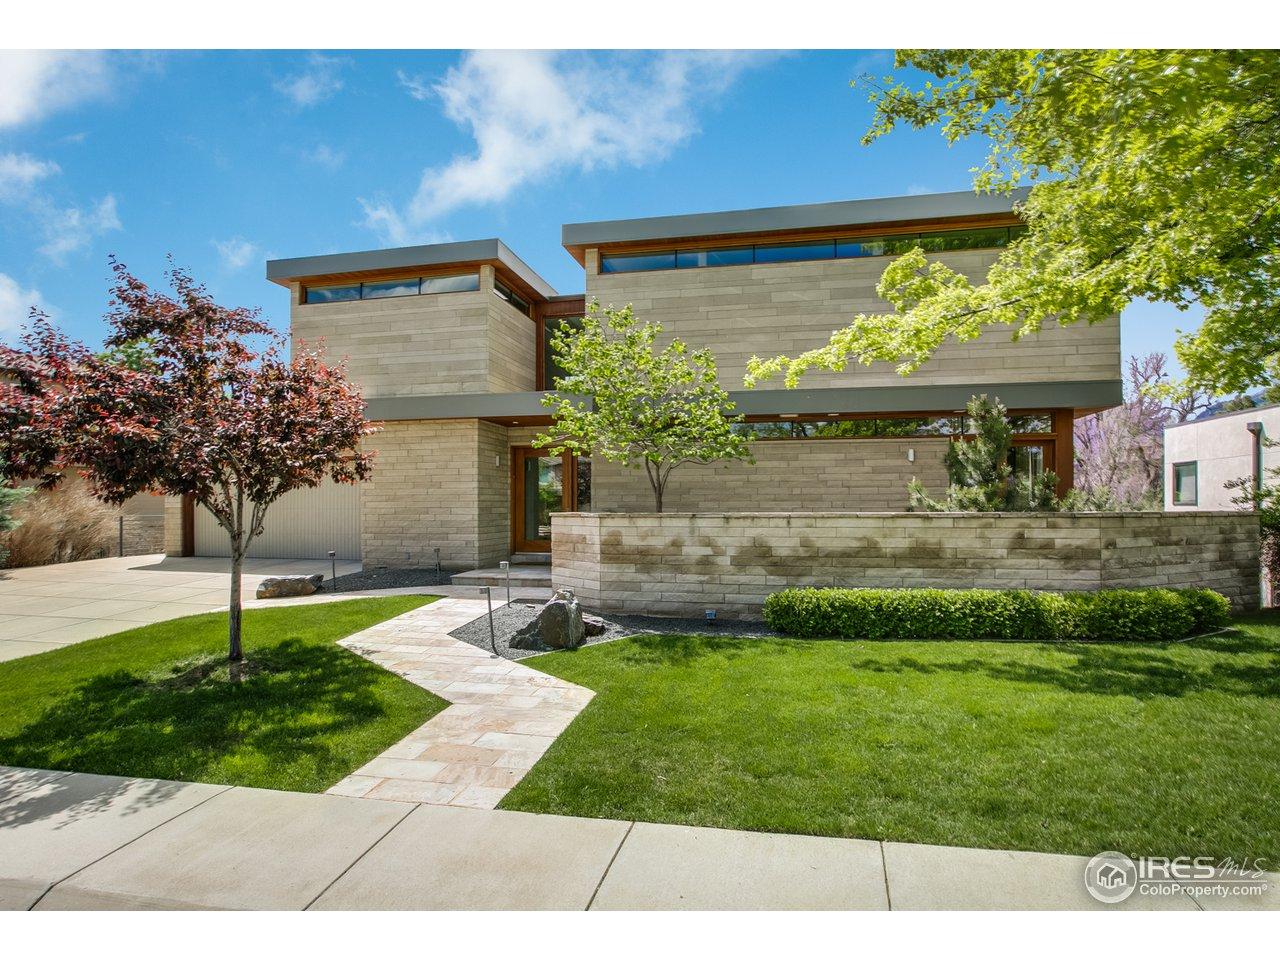 1676 Sunset Blvd, Boulder CO 80304